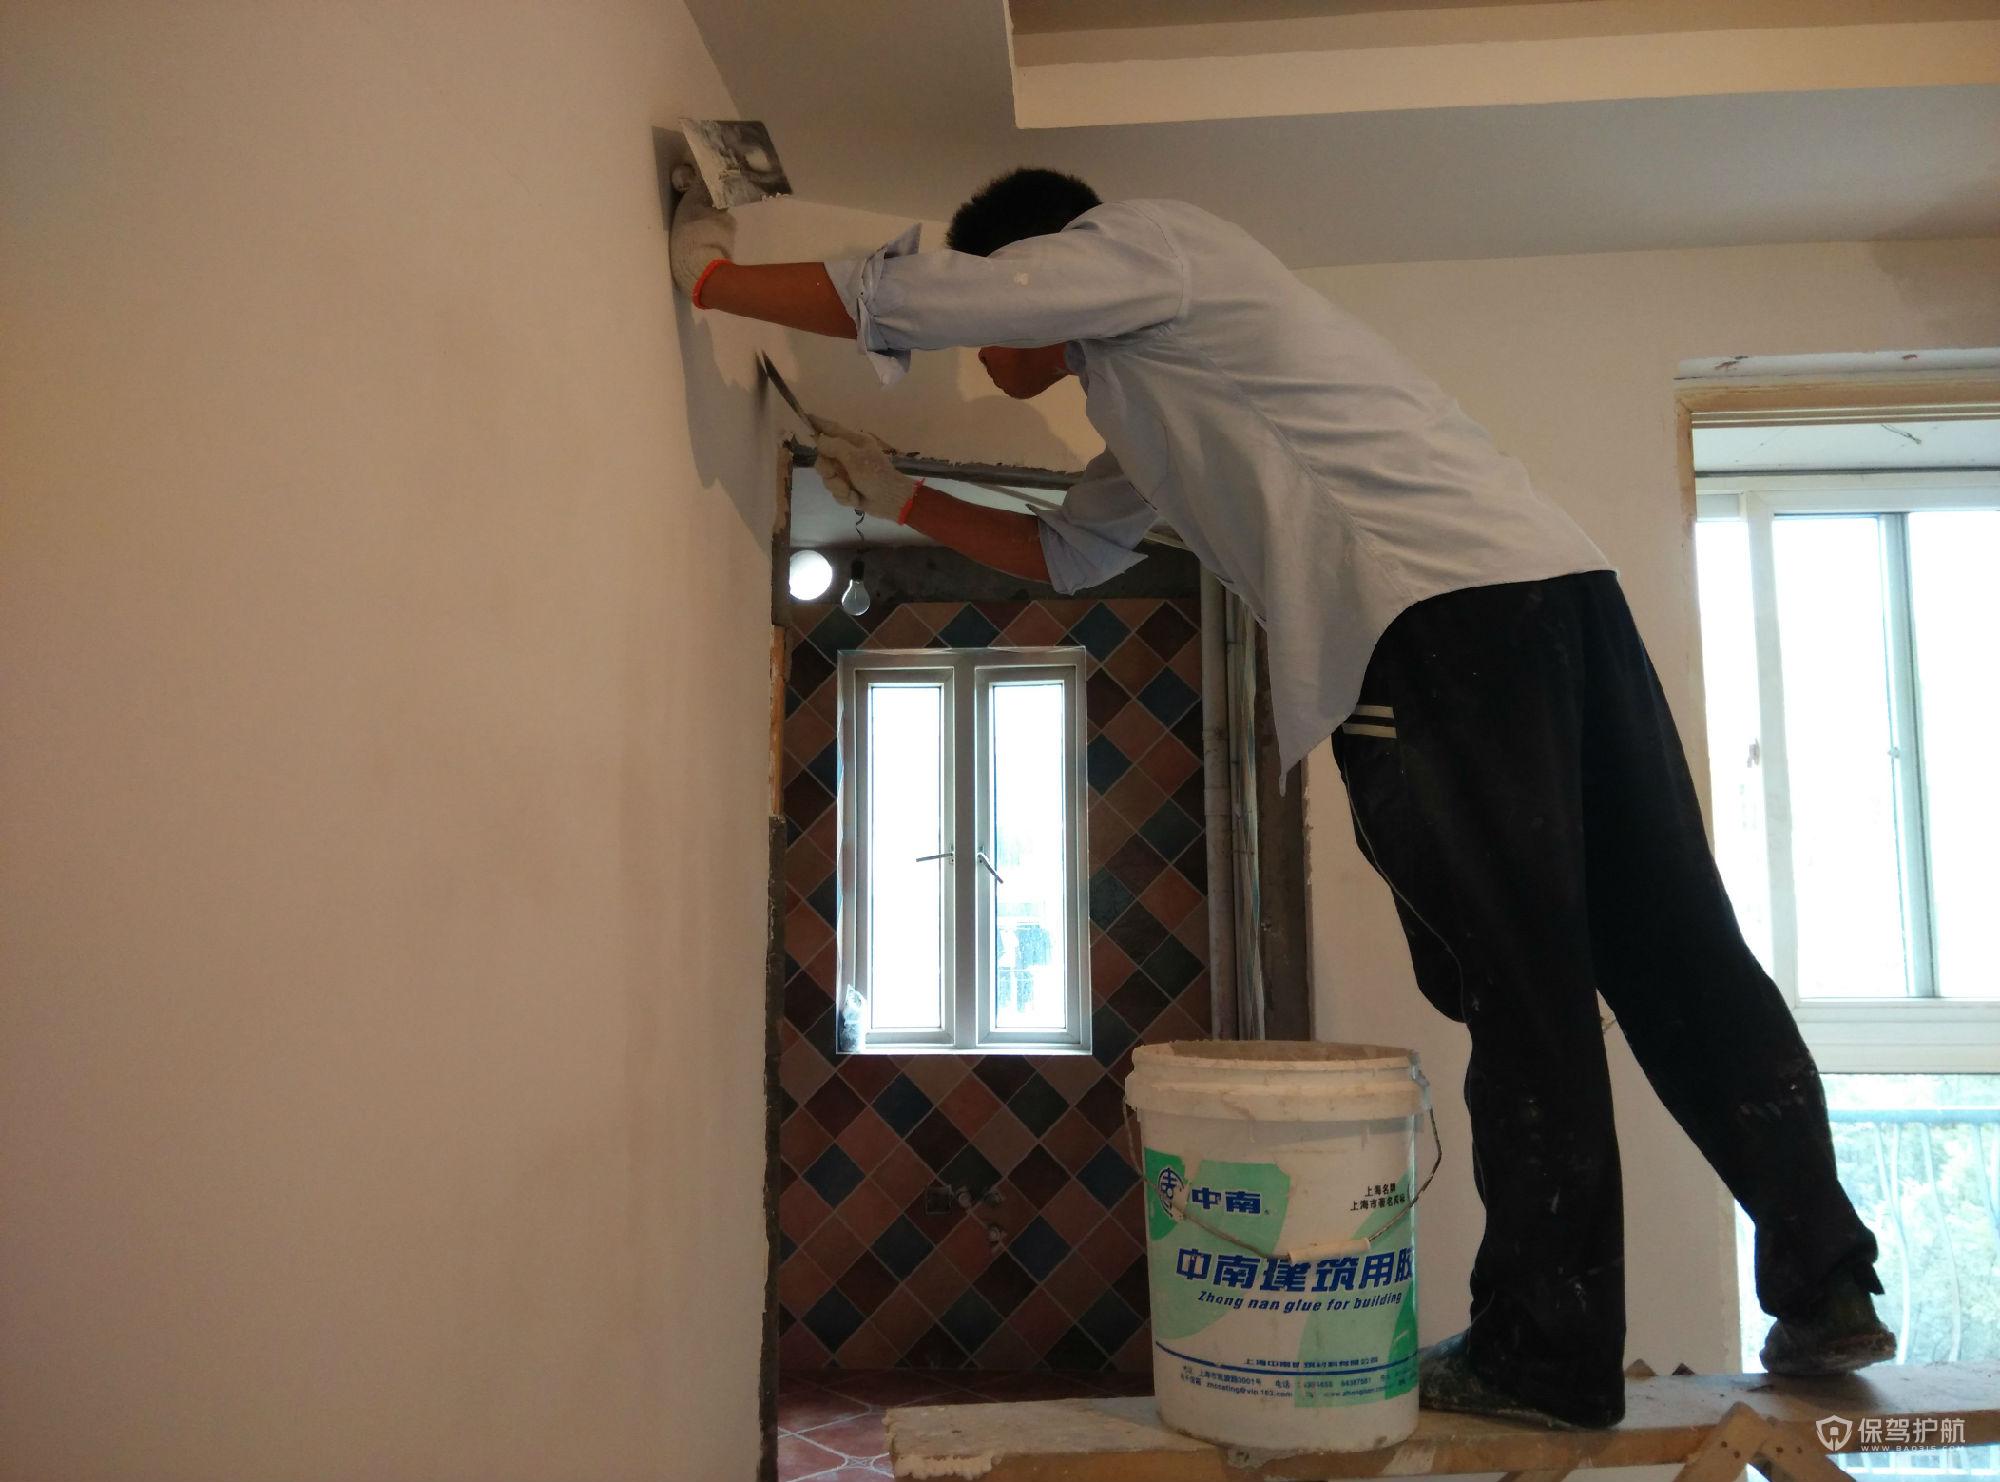 如何快速铲除墙上的腻子?墙面刮腻子的流程有哪些?